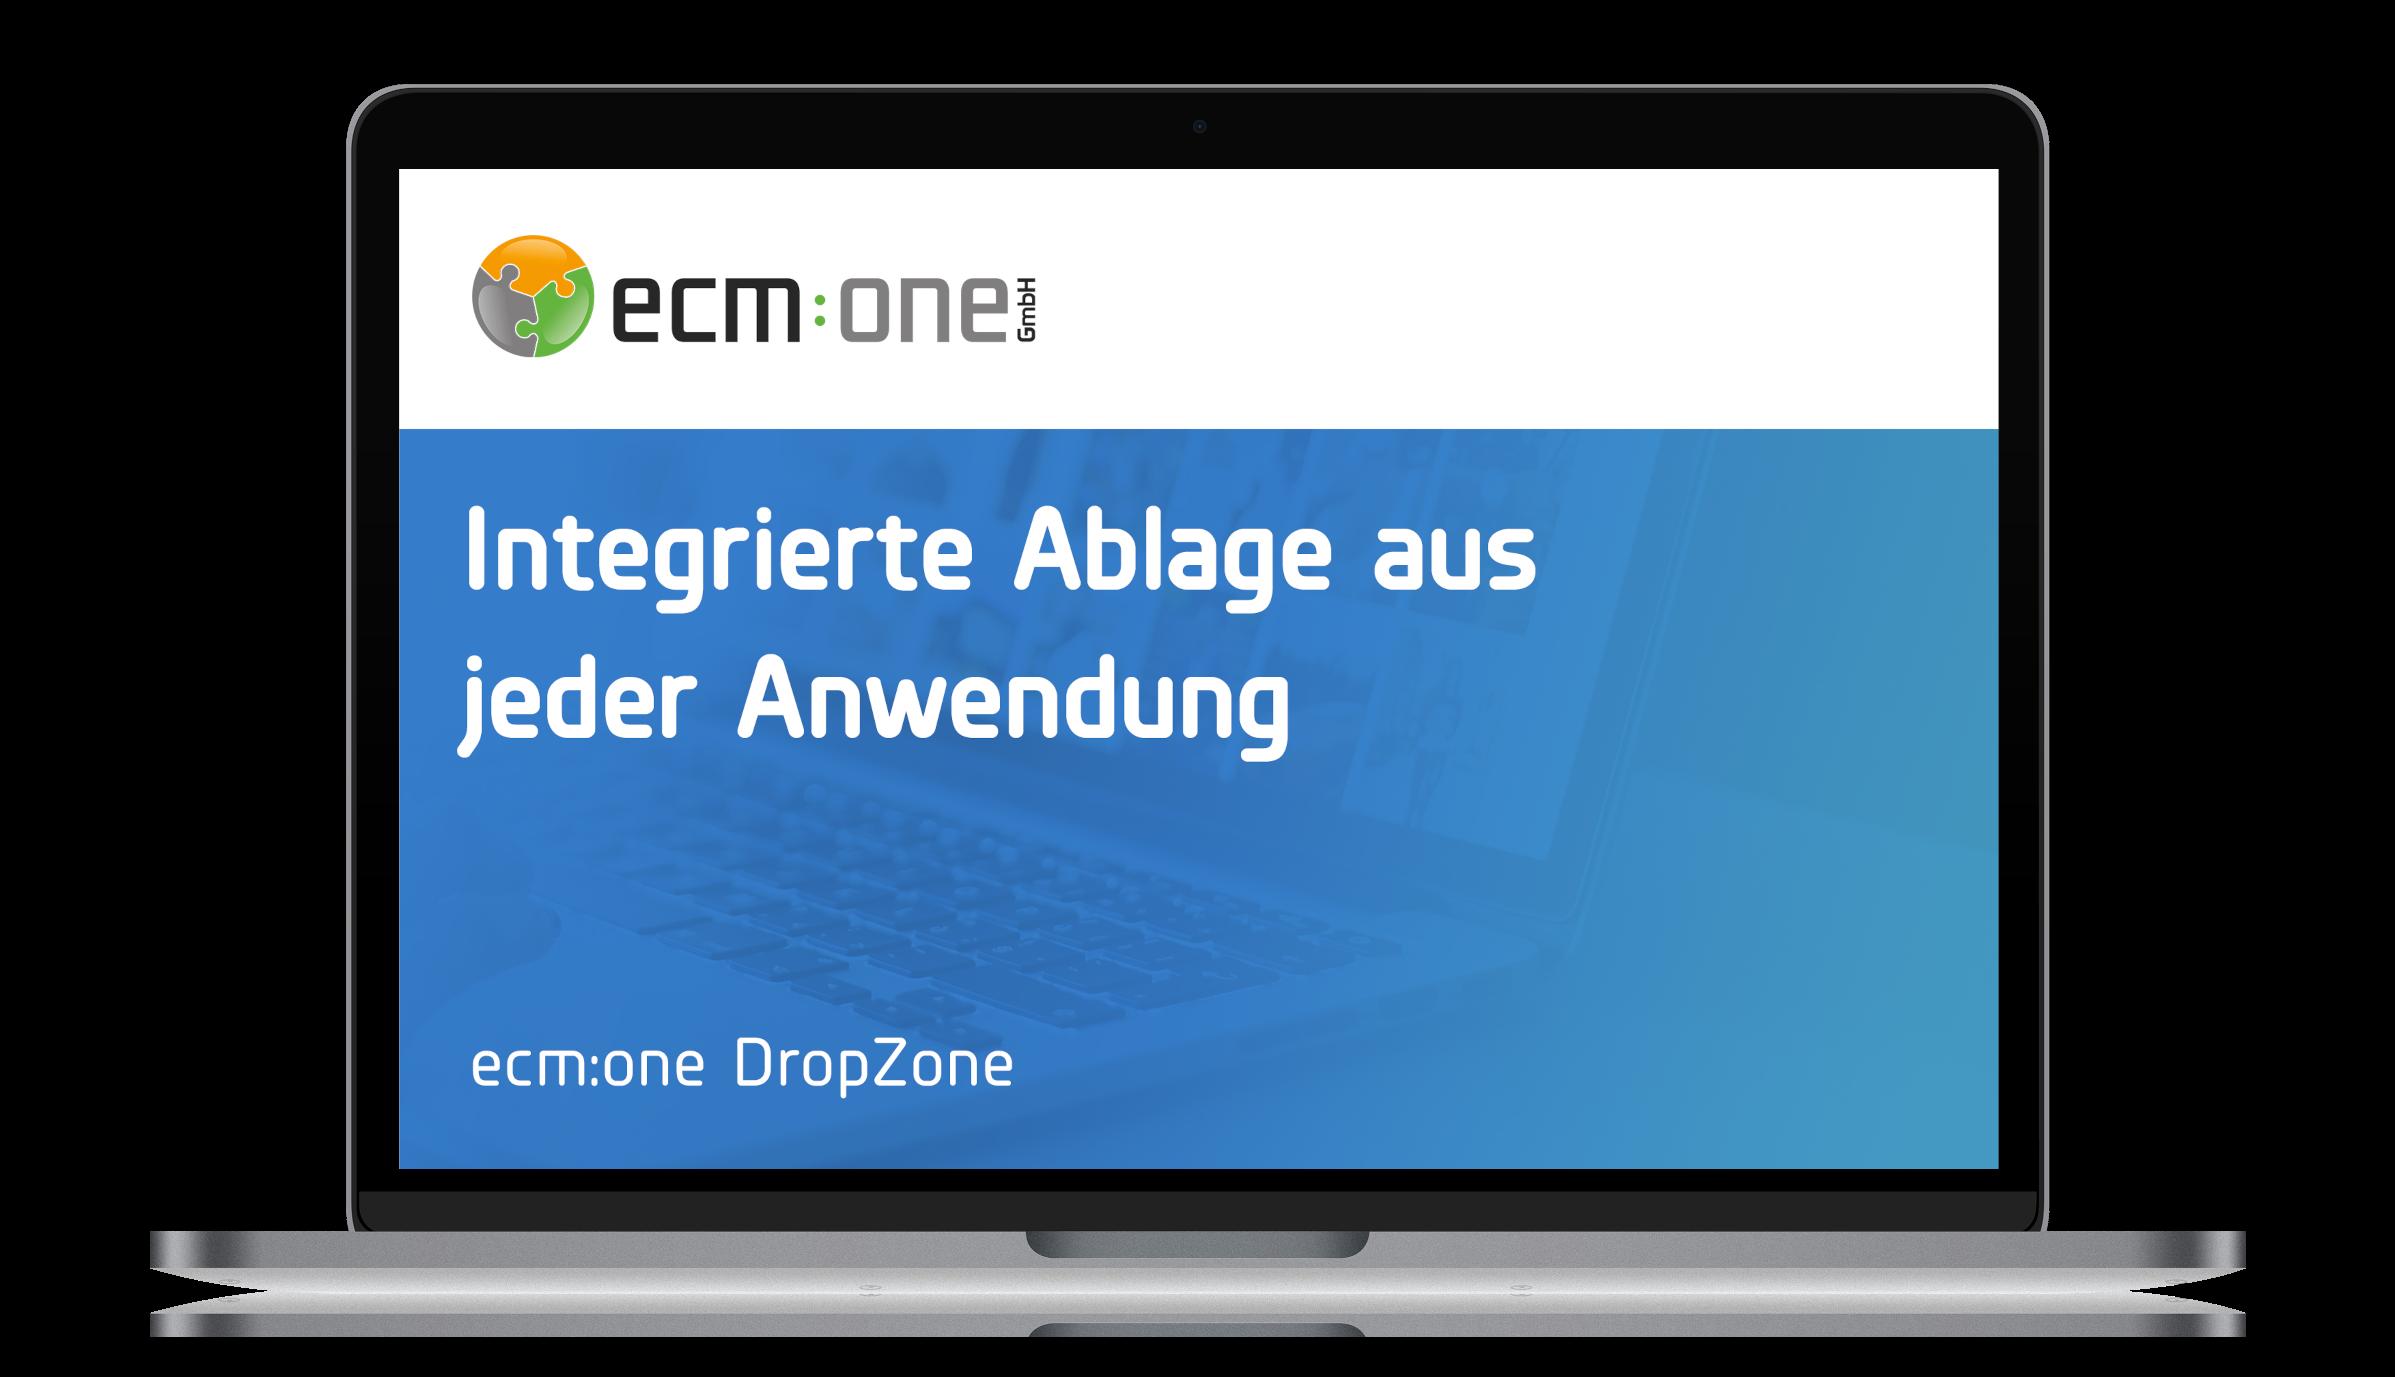 ecm:one DropZone